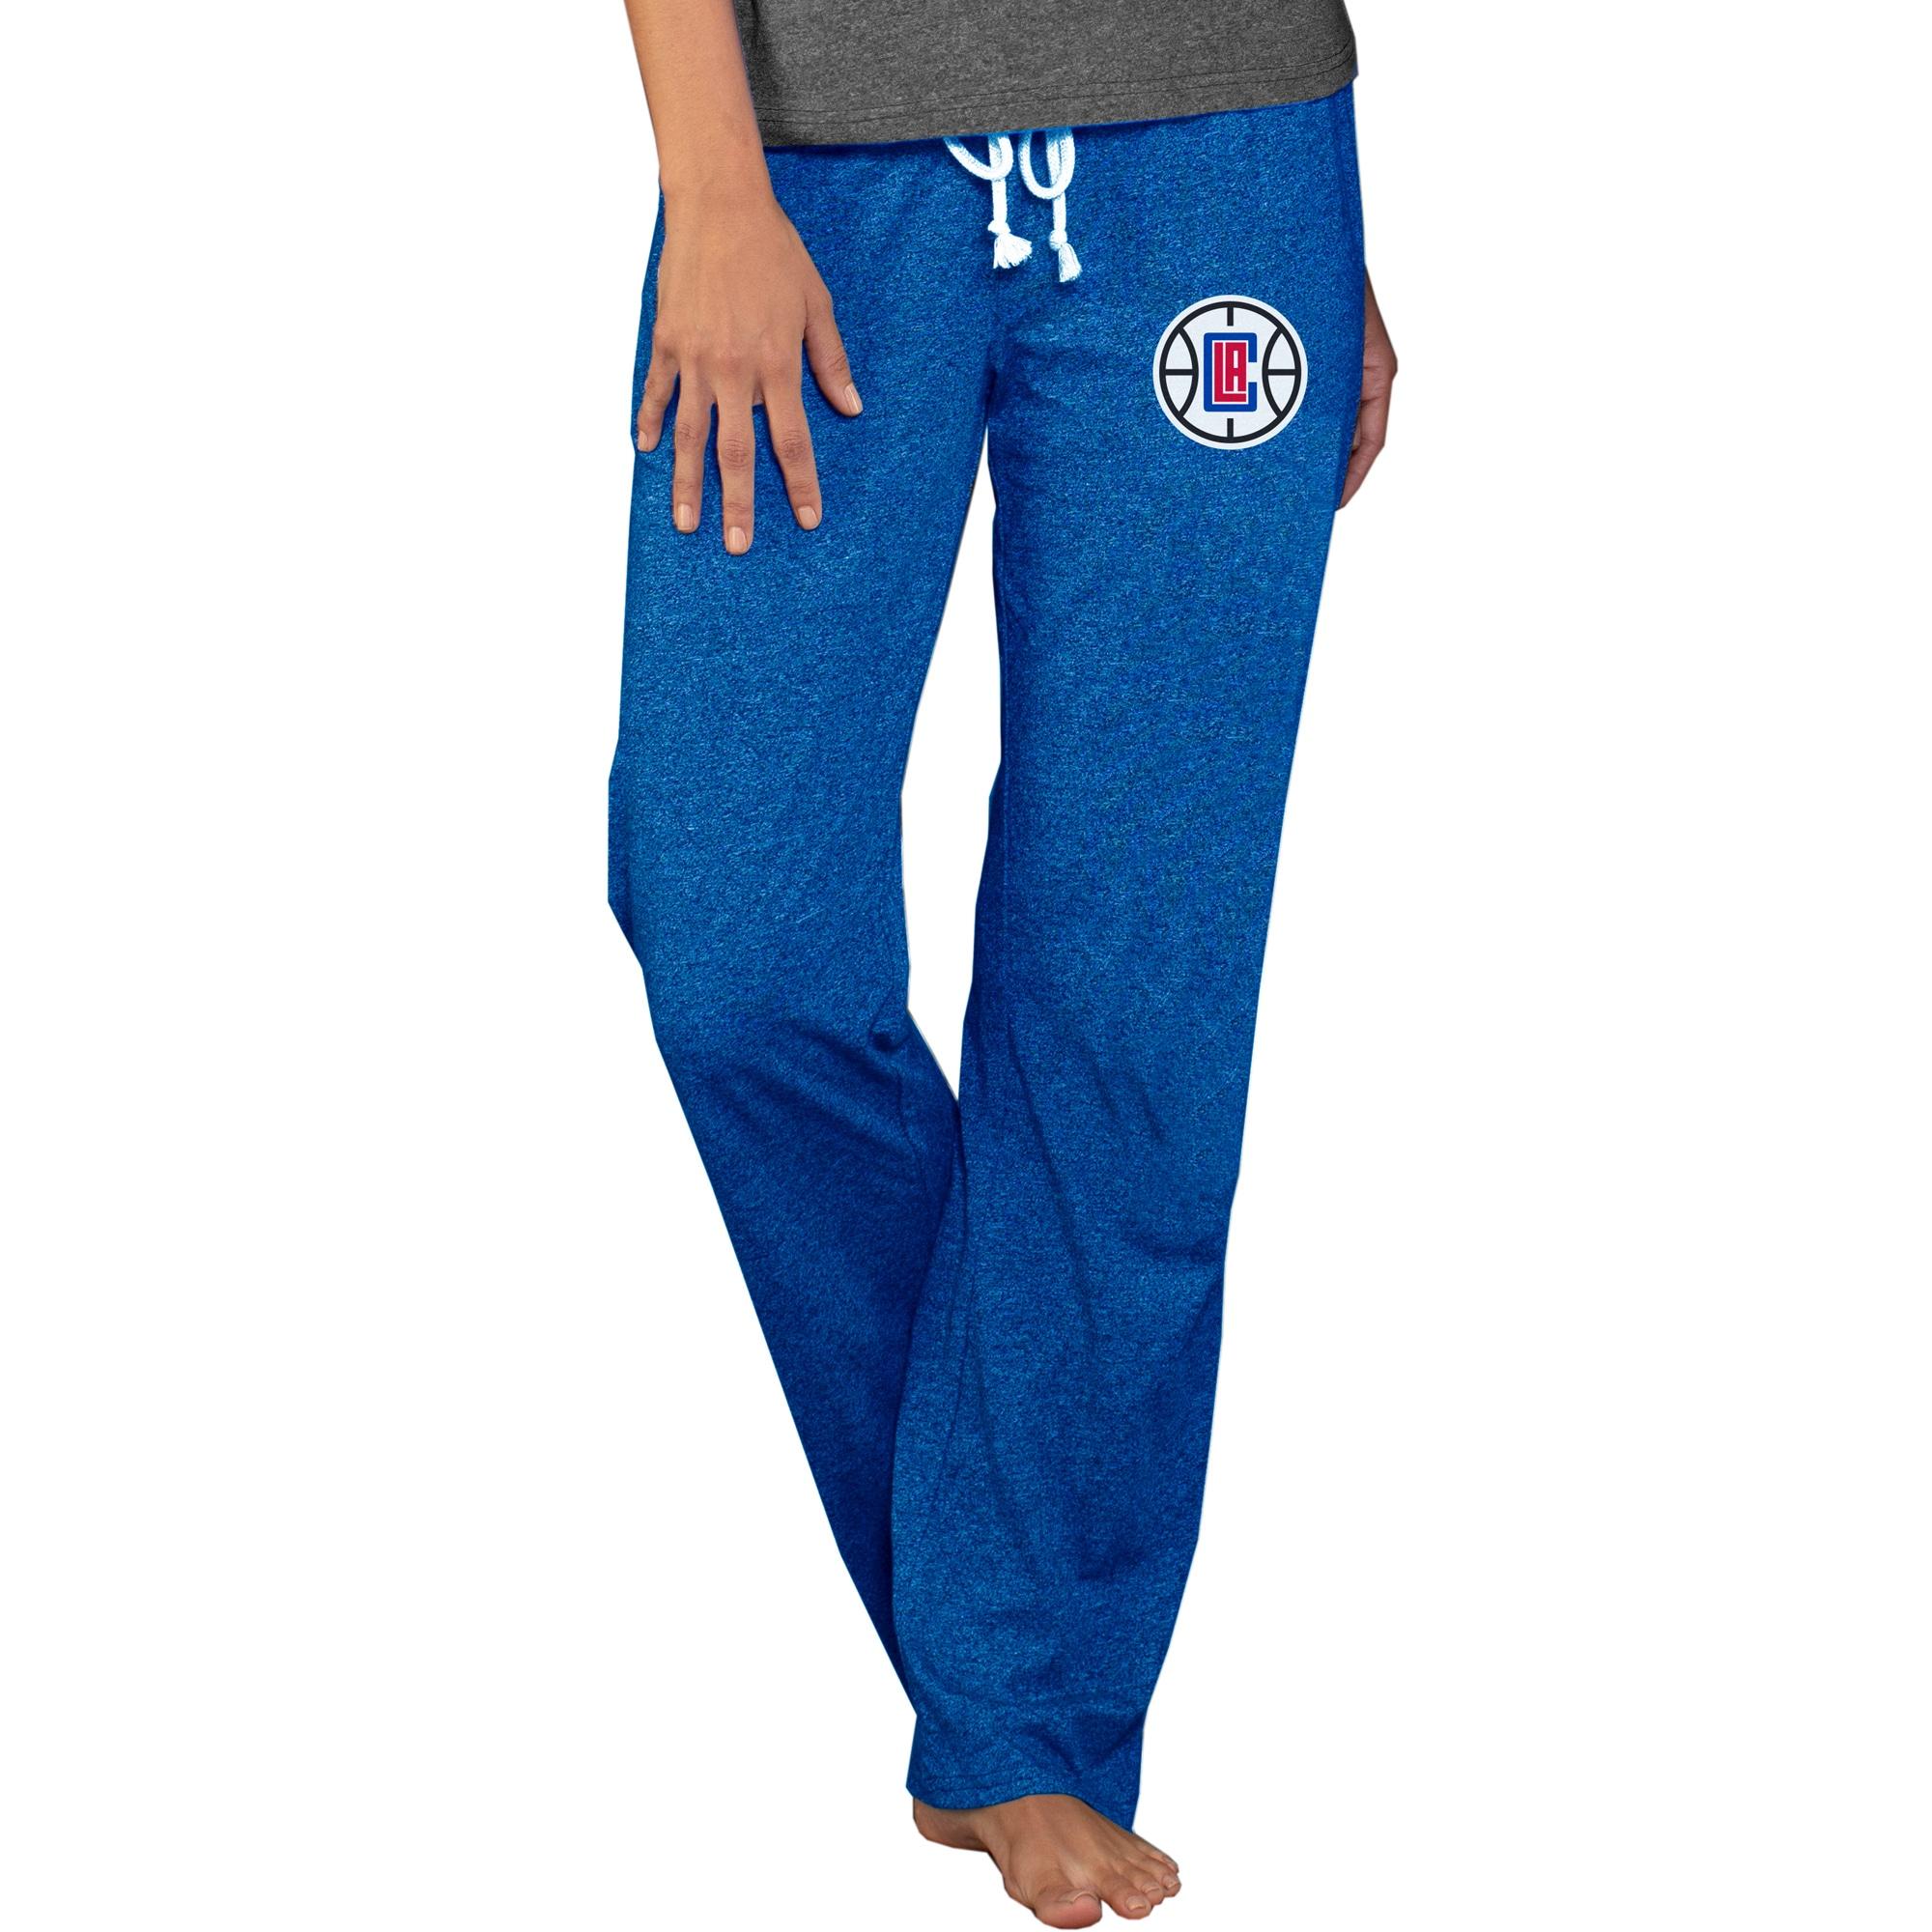 LA Clippers Concepts Sport Women's Quest Knit Pants - Royal